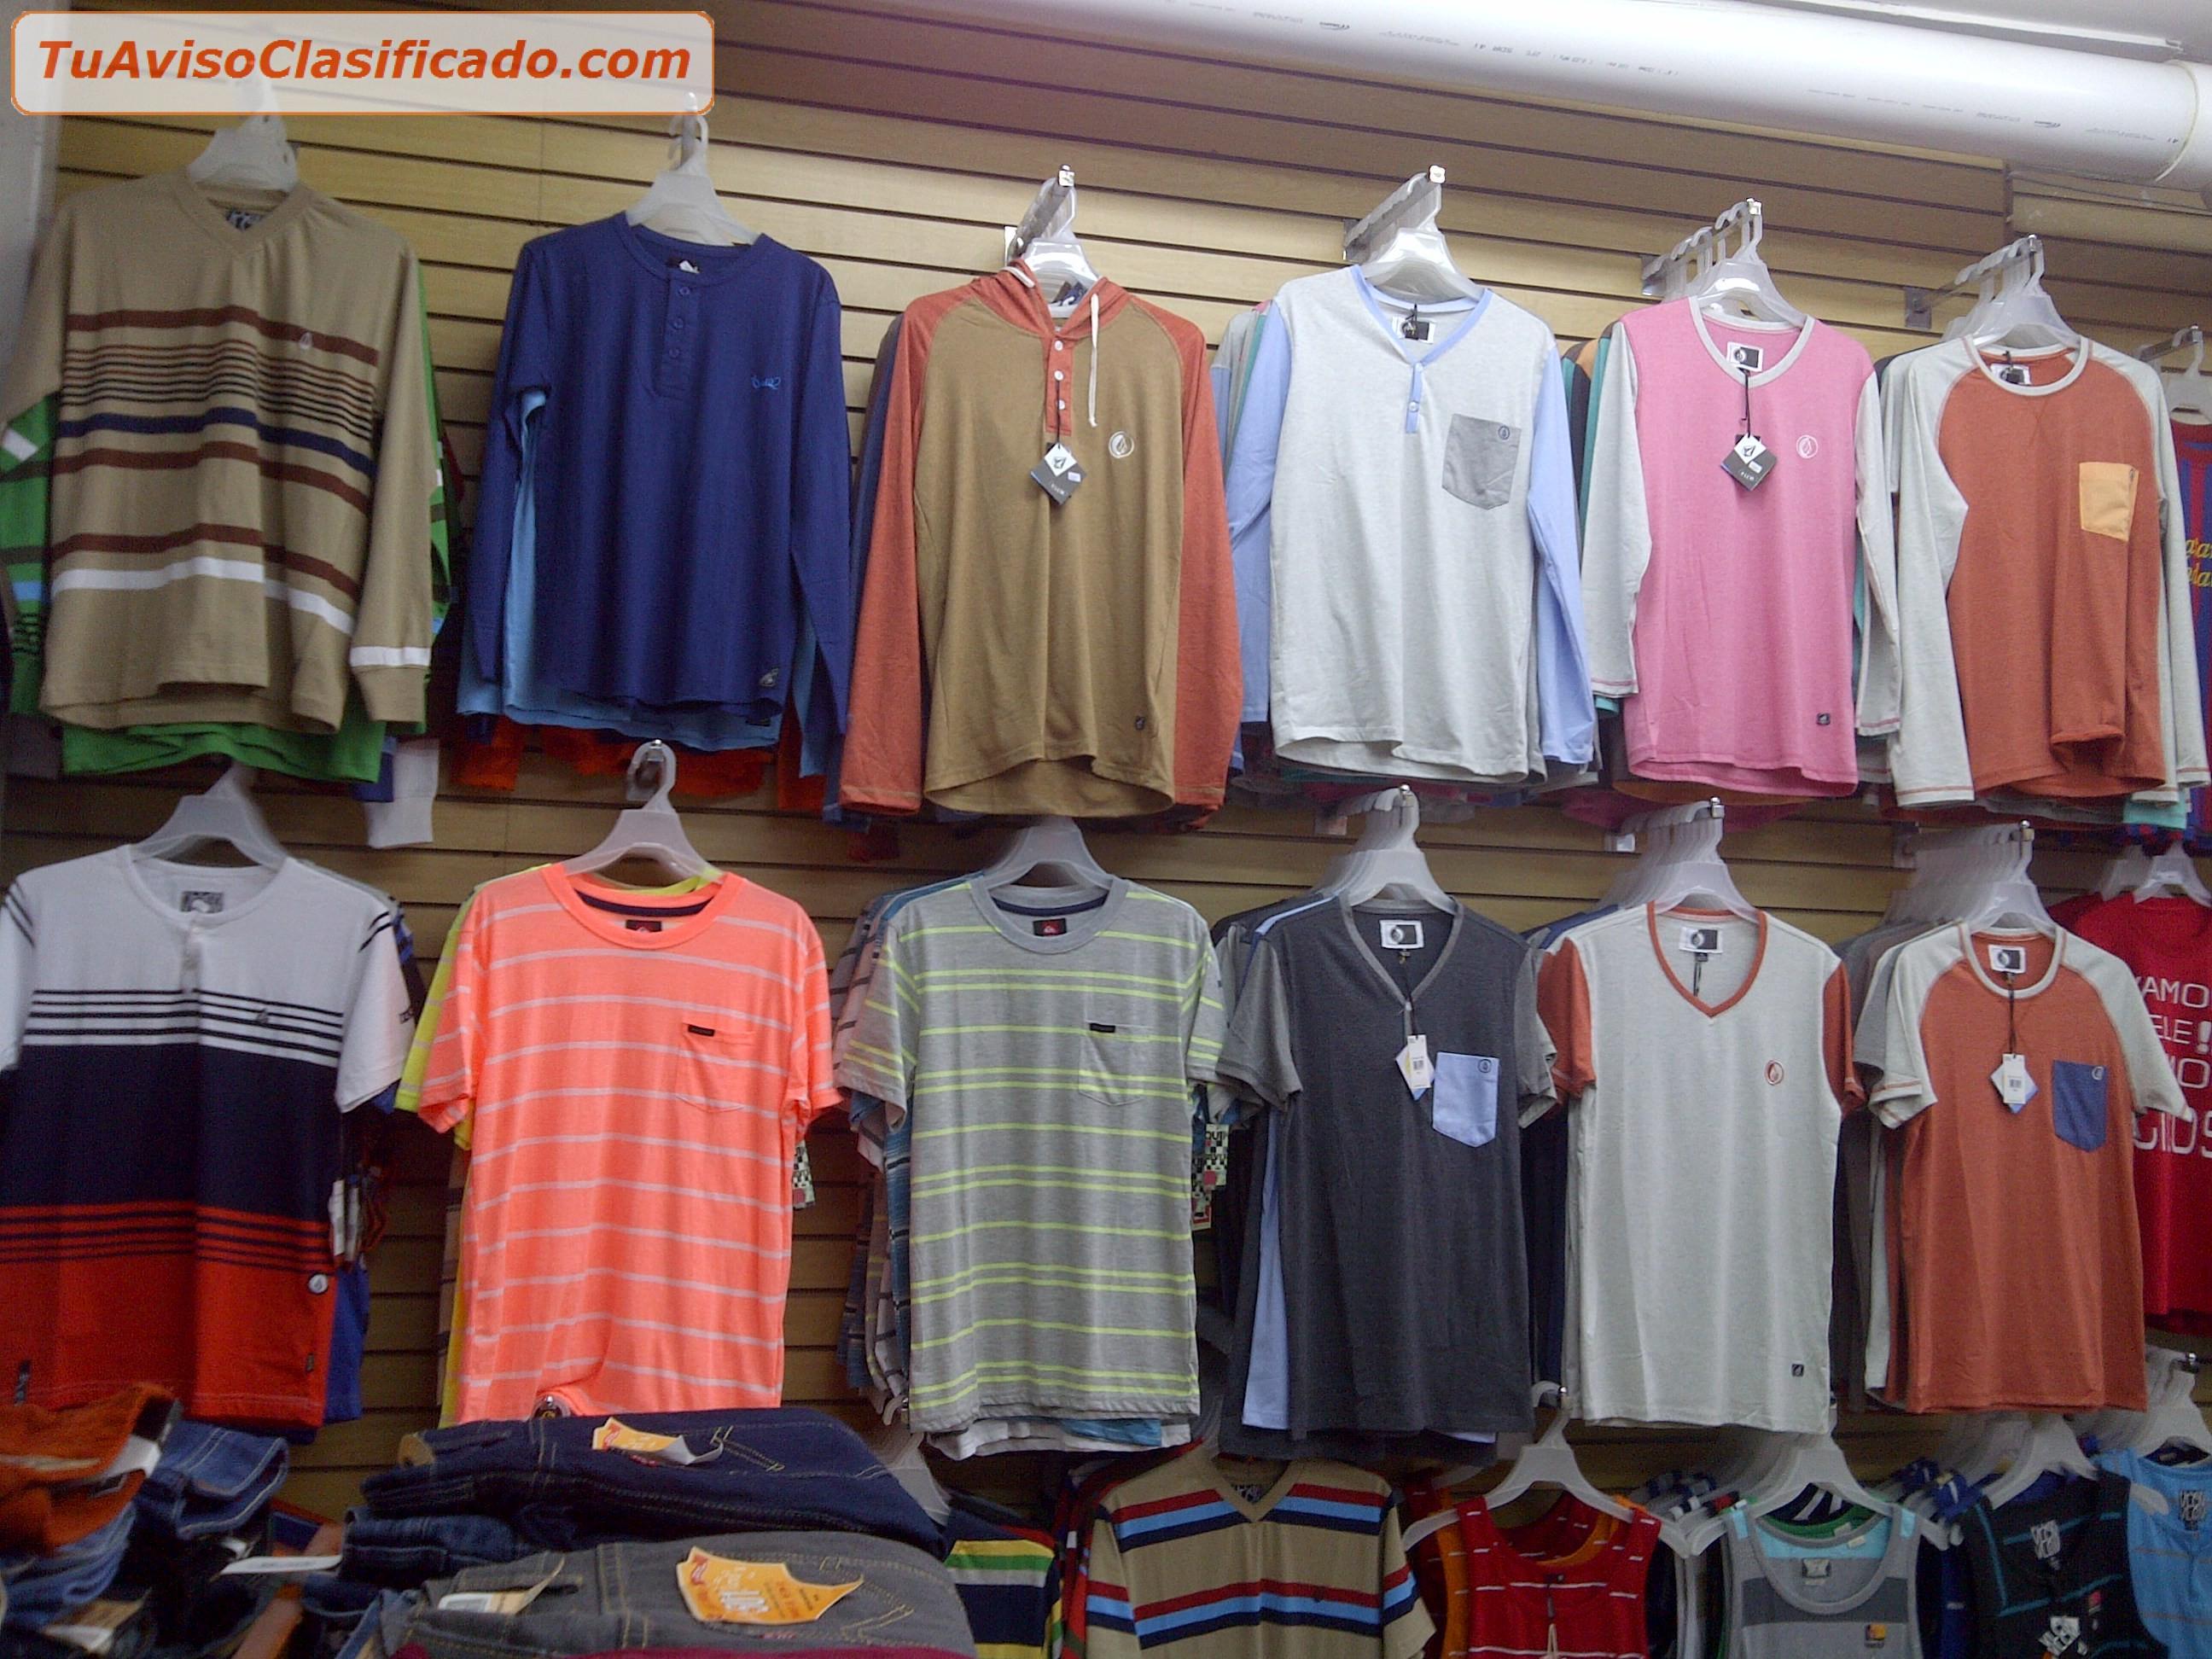 fcf6789a01 Vendo ropa de marca para hombre y mujeres bastante barata ;gafas p...